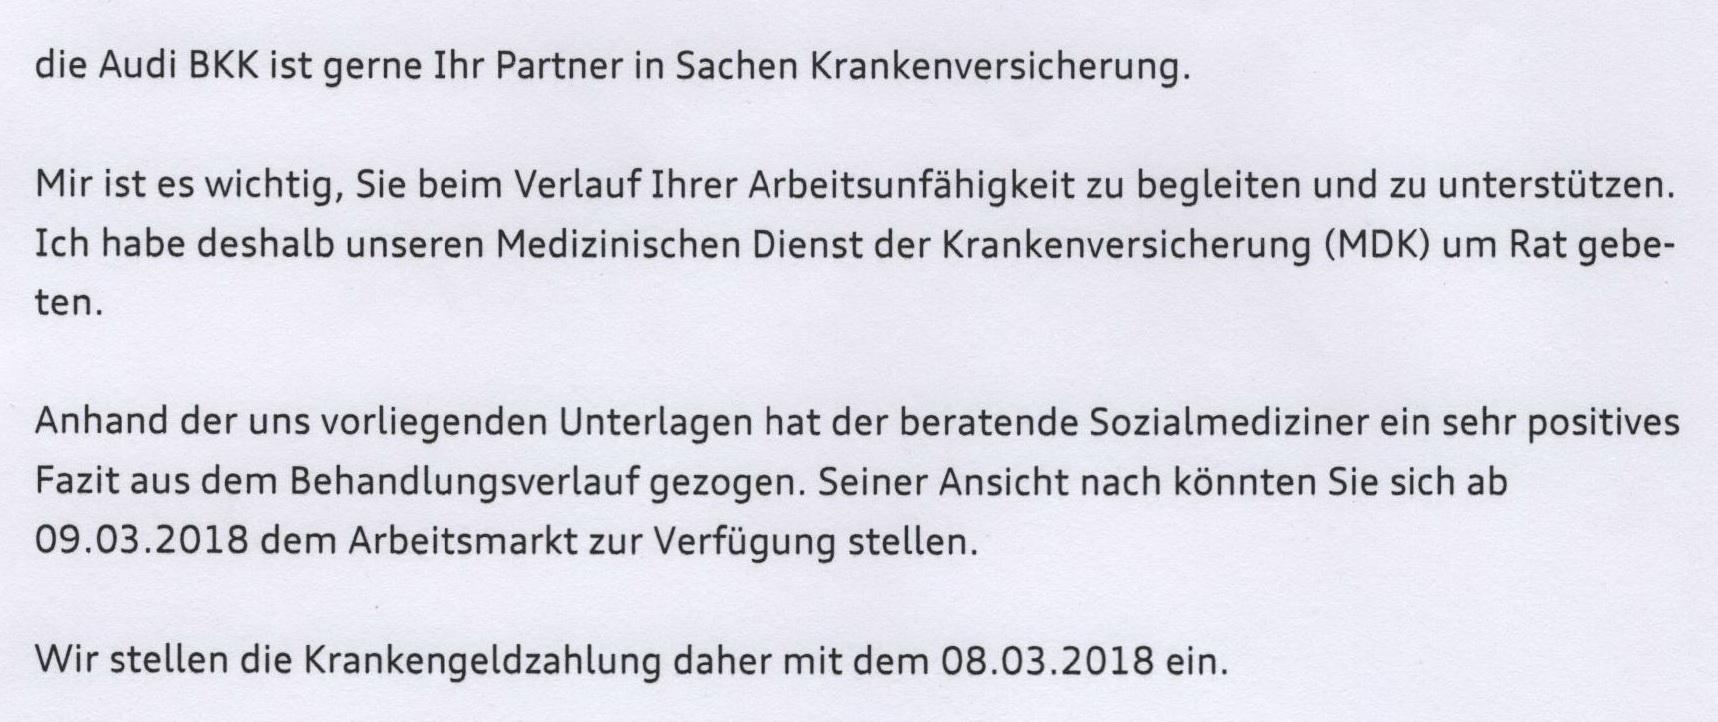 Audi1 Sachkundenachweis und Weiterbildung nur für Vermittler?